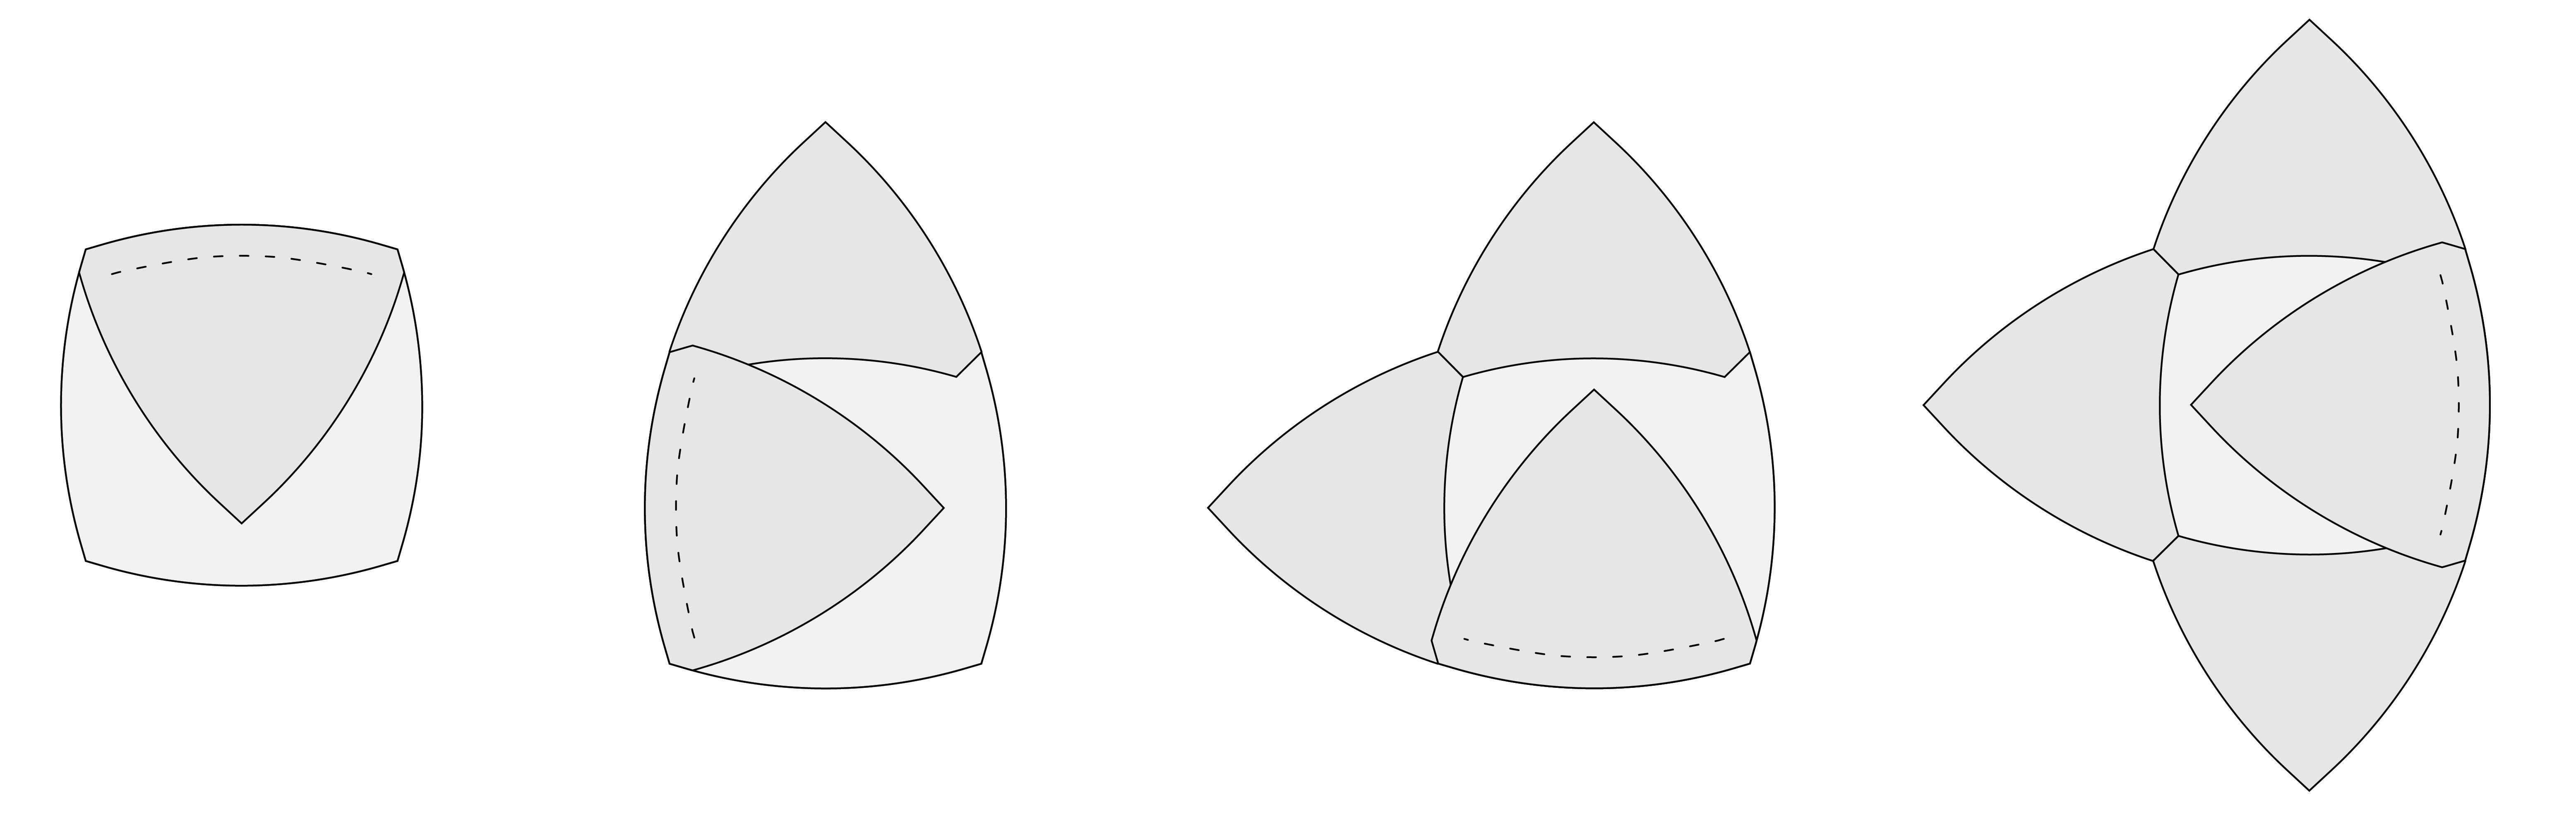 diagrams_2-08